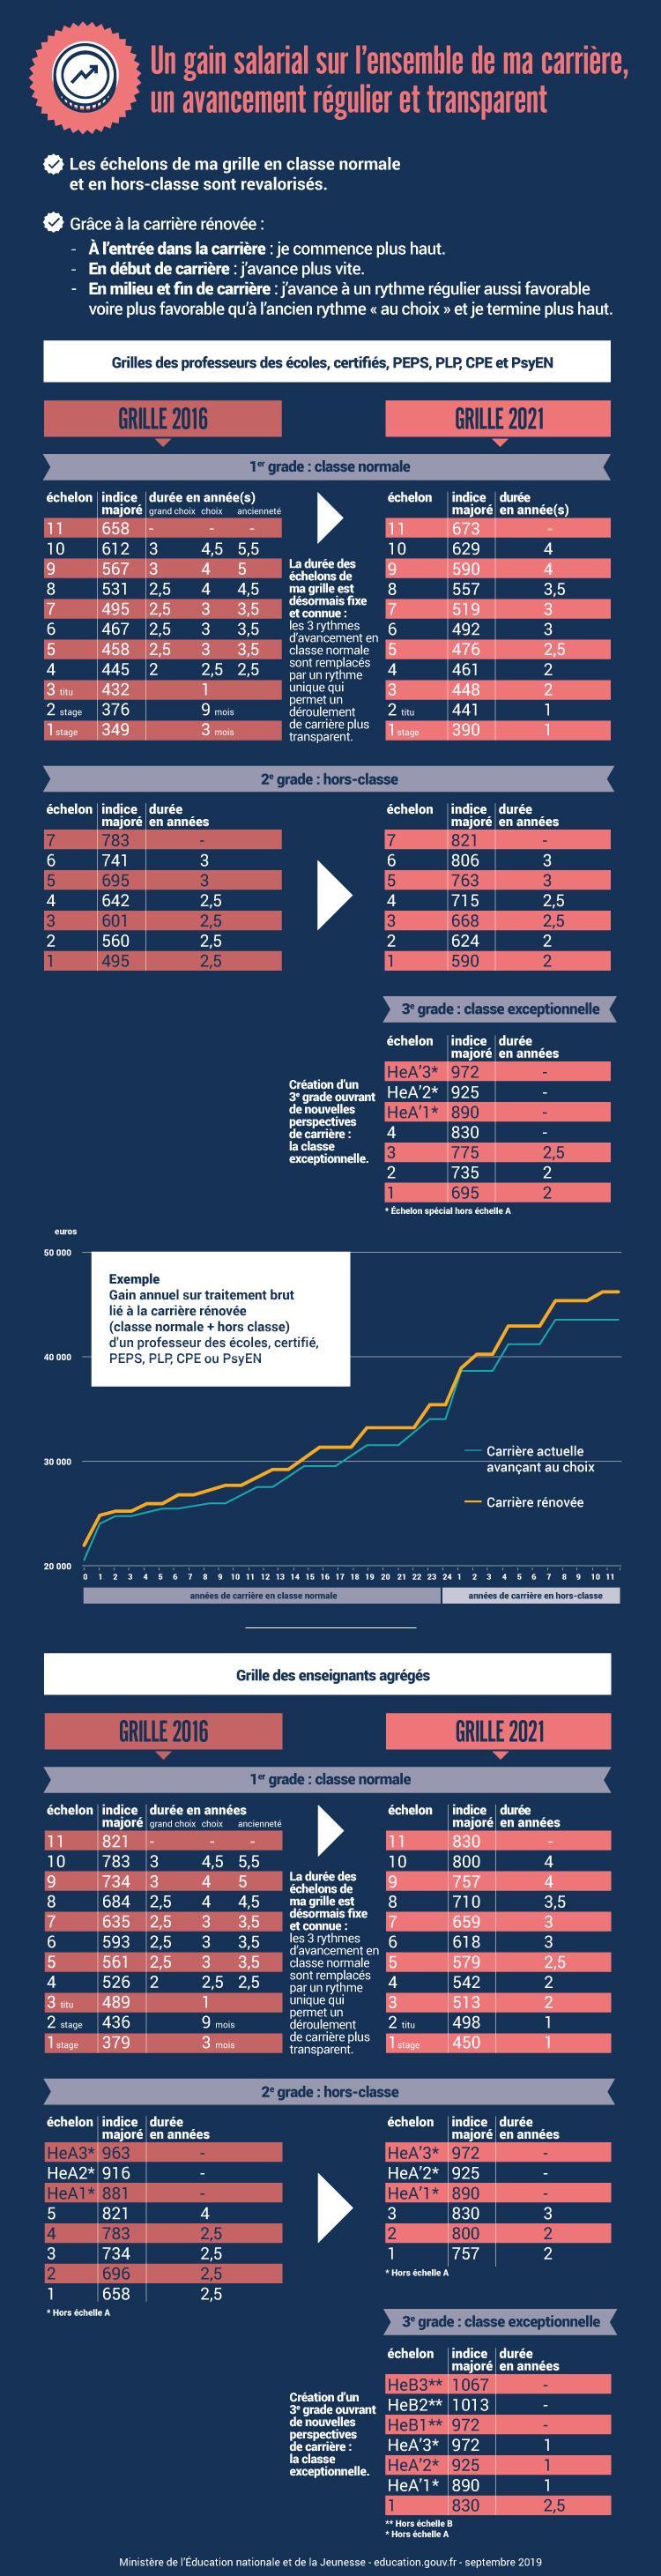 Calendrier Paiement Education Nationale 2019.La Remuneration Des Enseignants Ministere De L Education